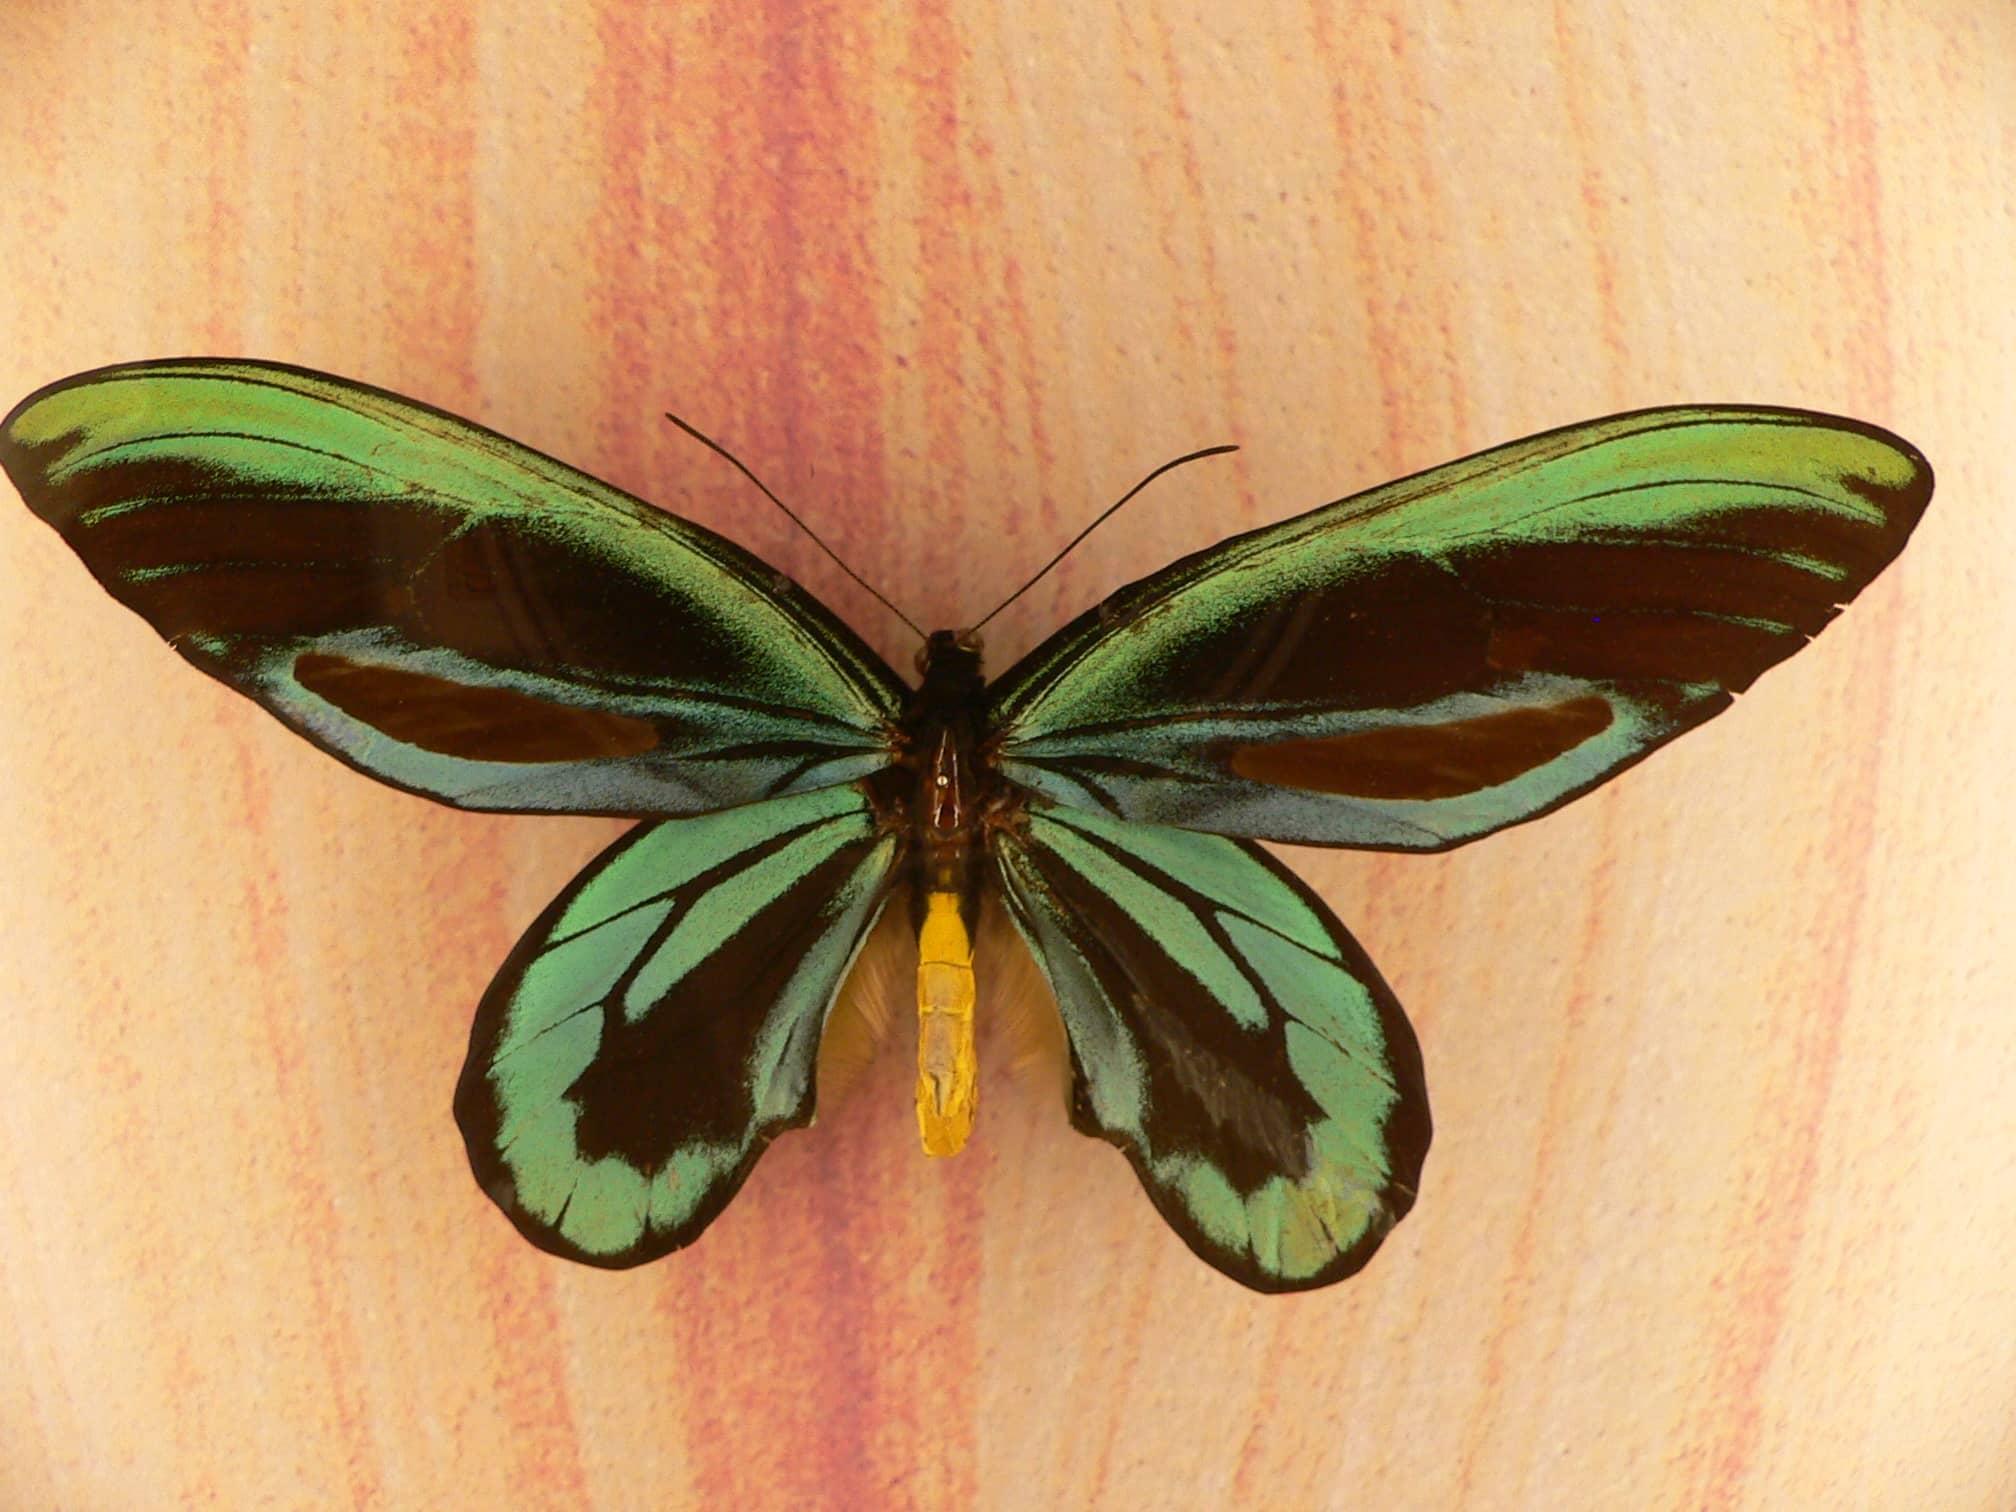 Mariposas alas de pájaro (Ornithoptera alexandrae)